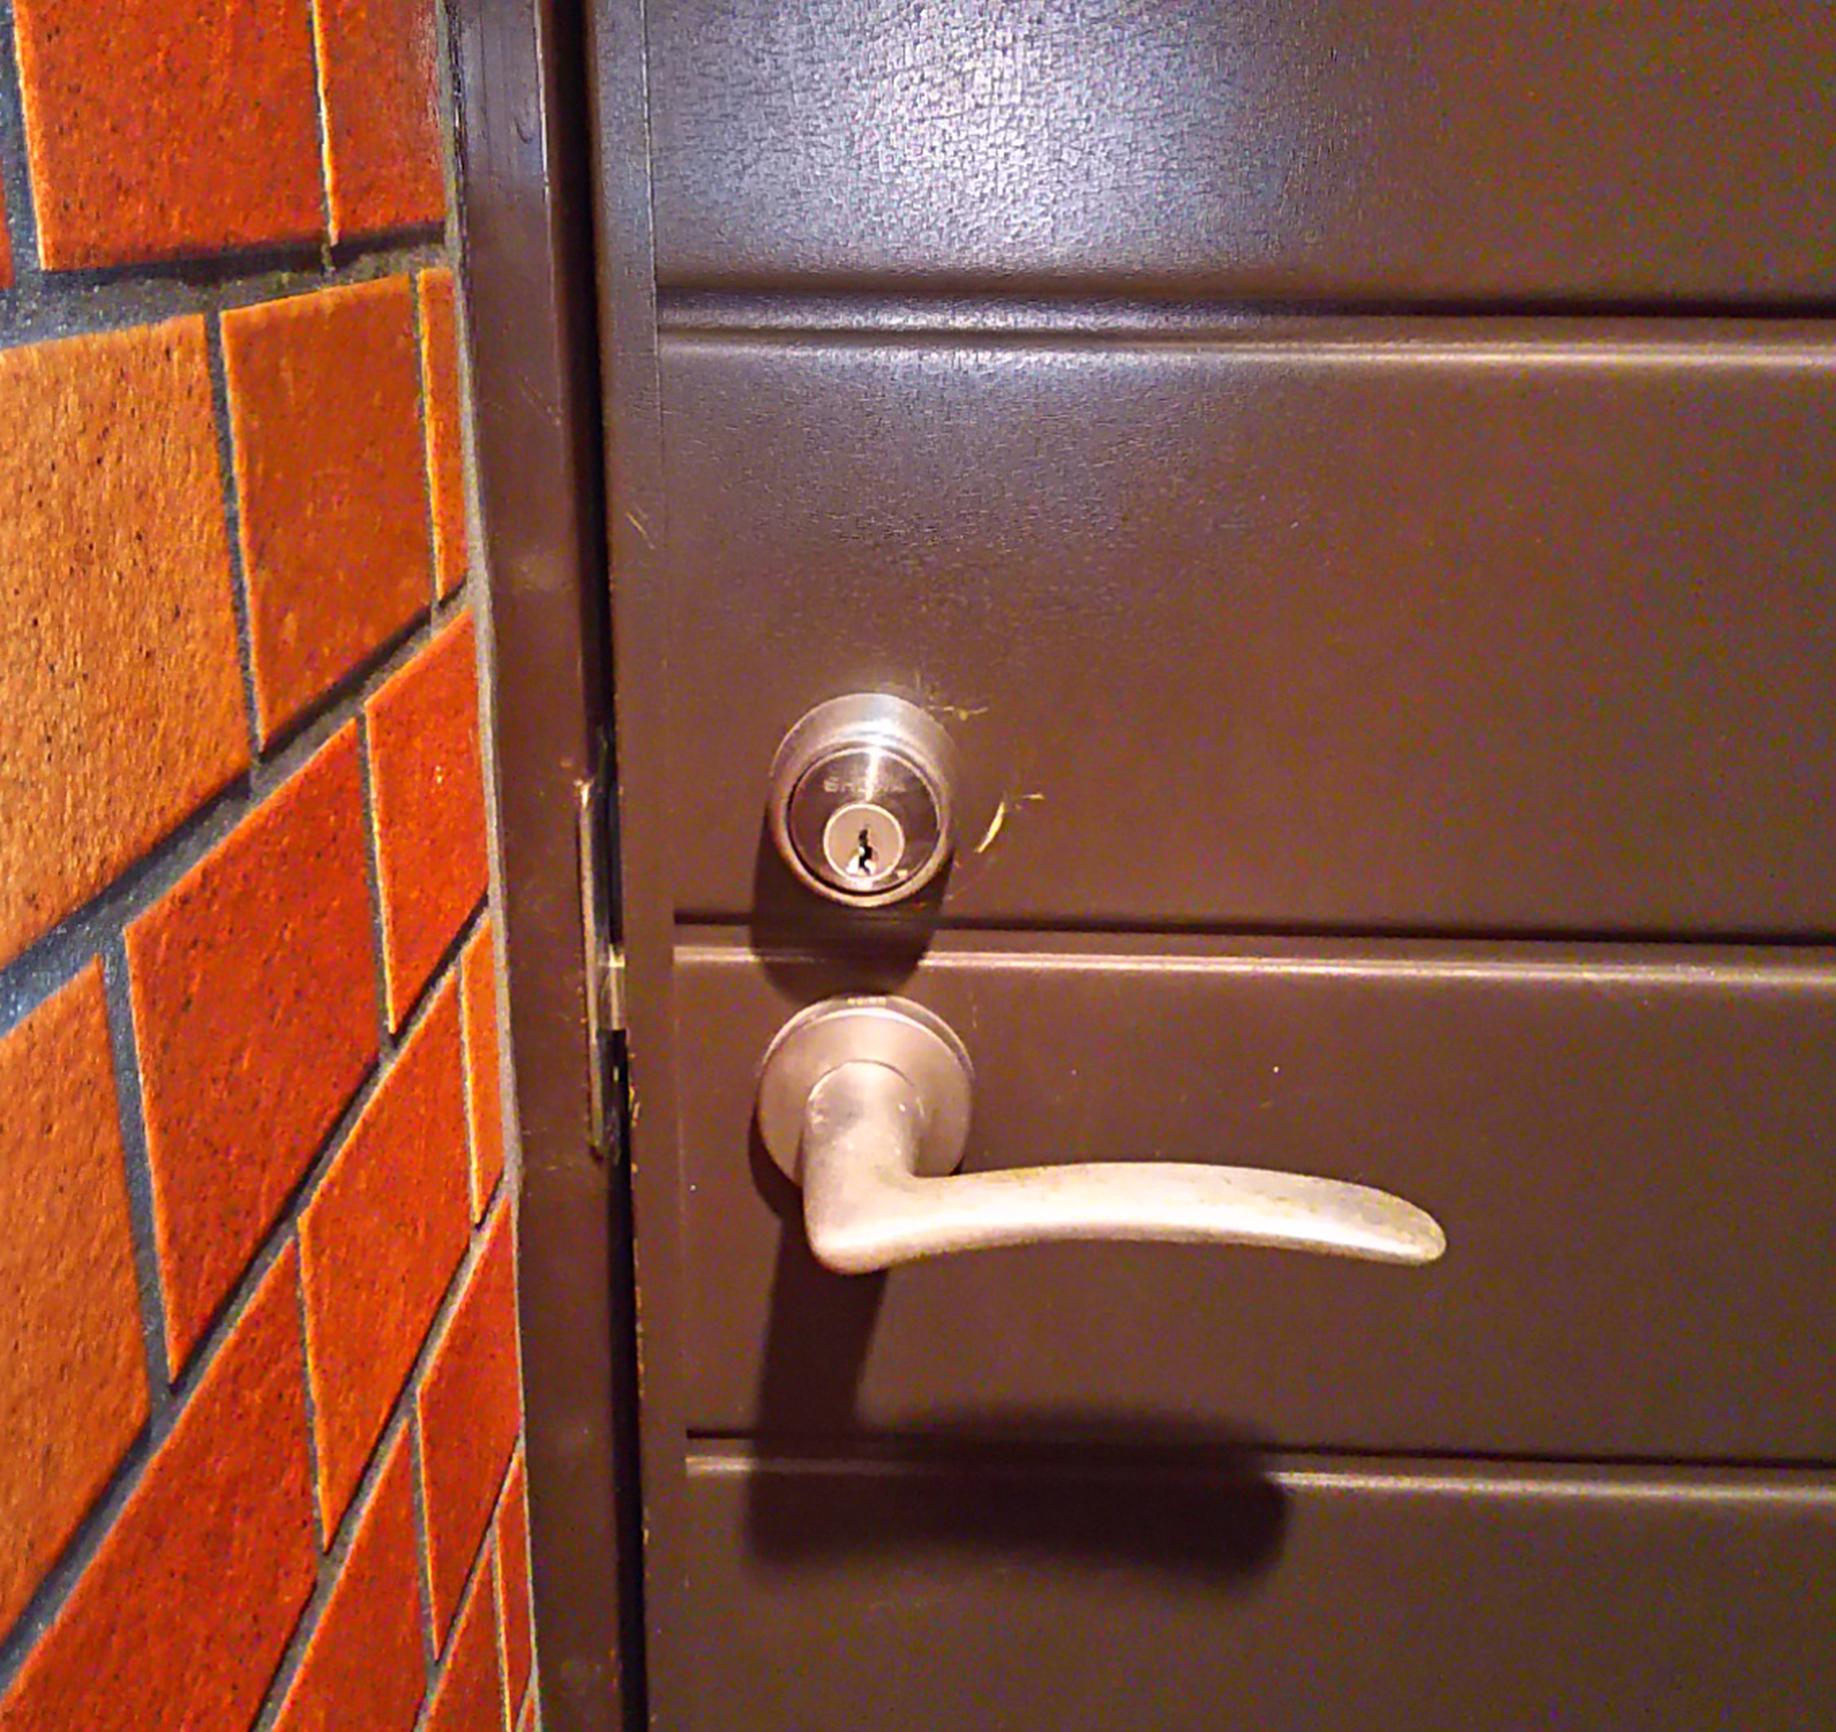 鍵がささらない玄関の扉